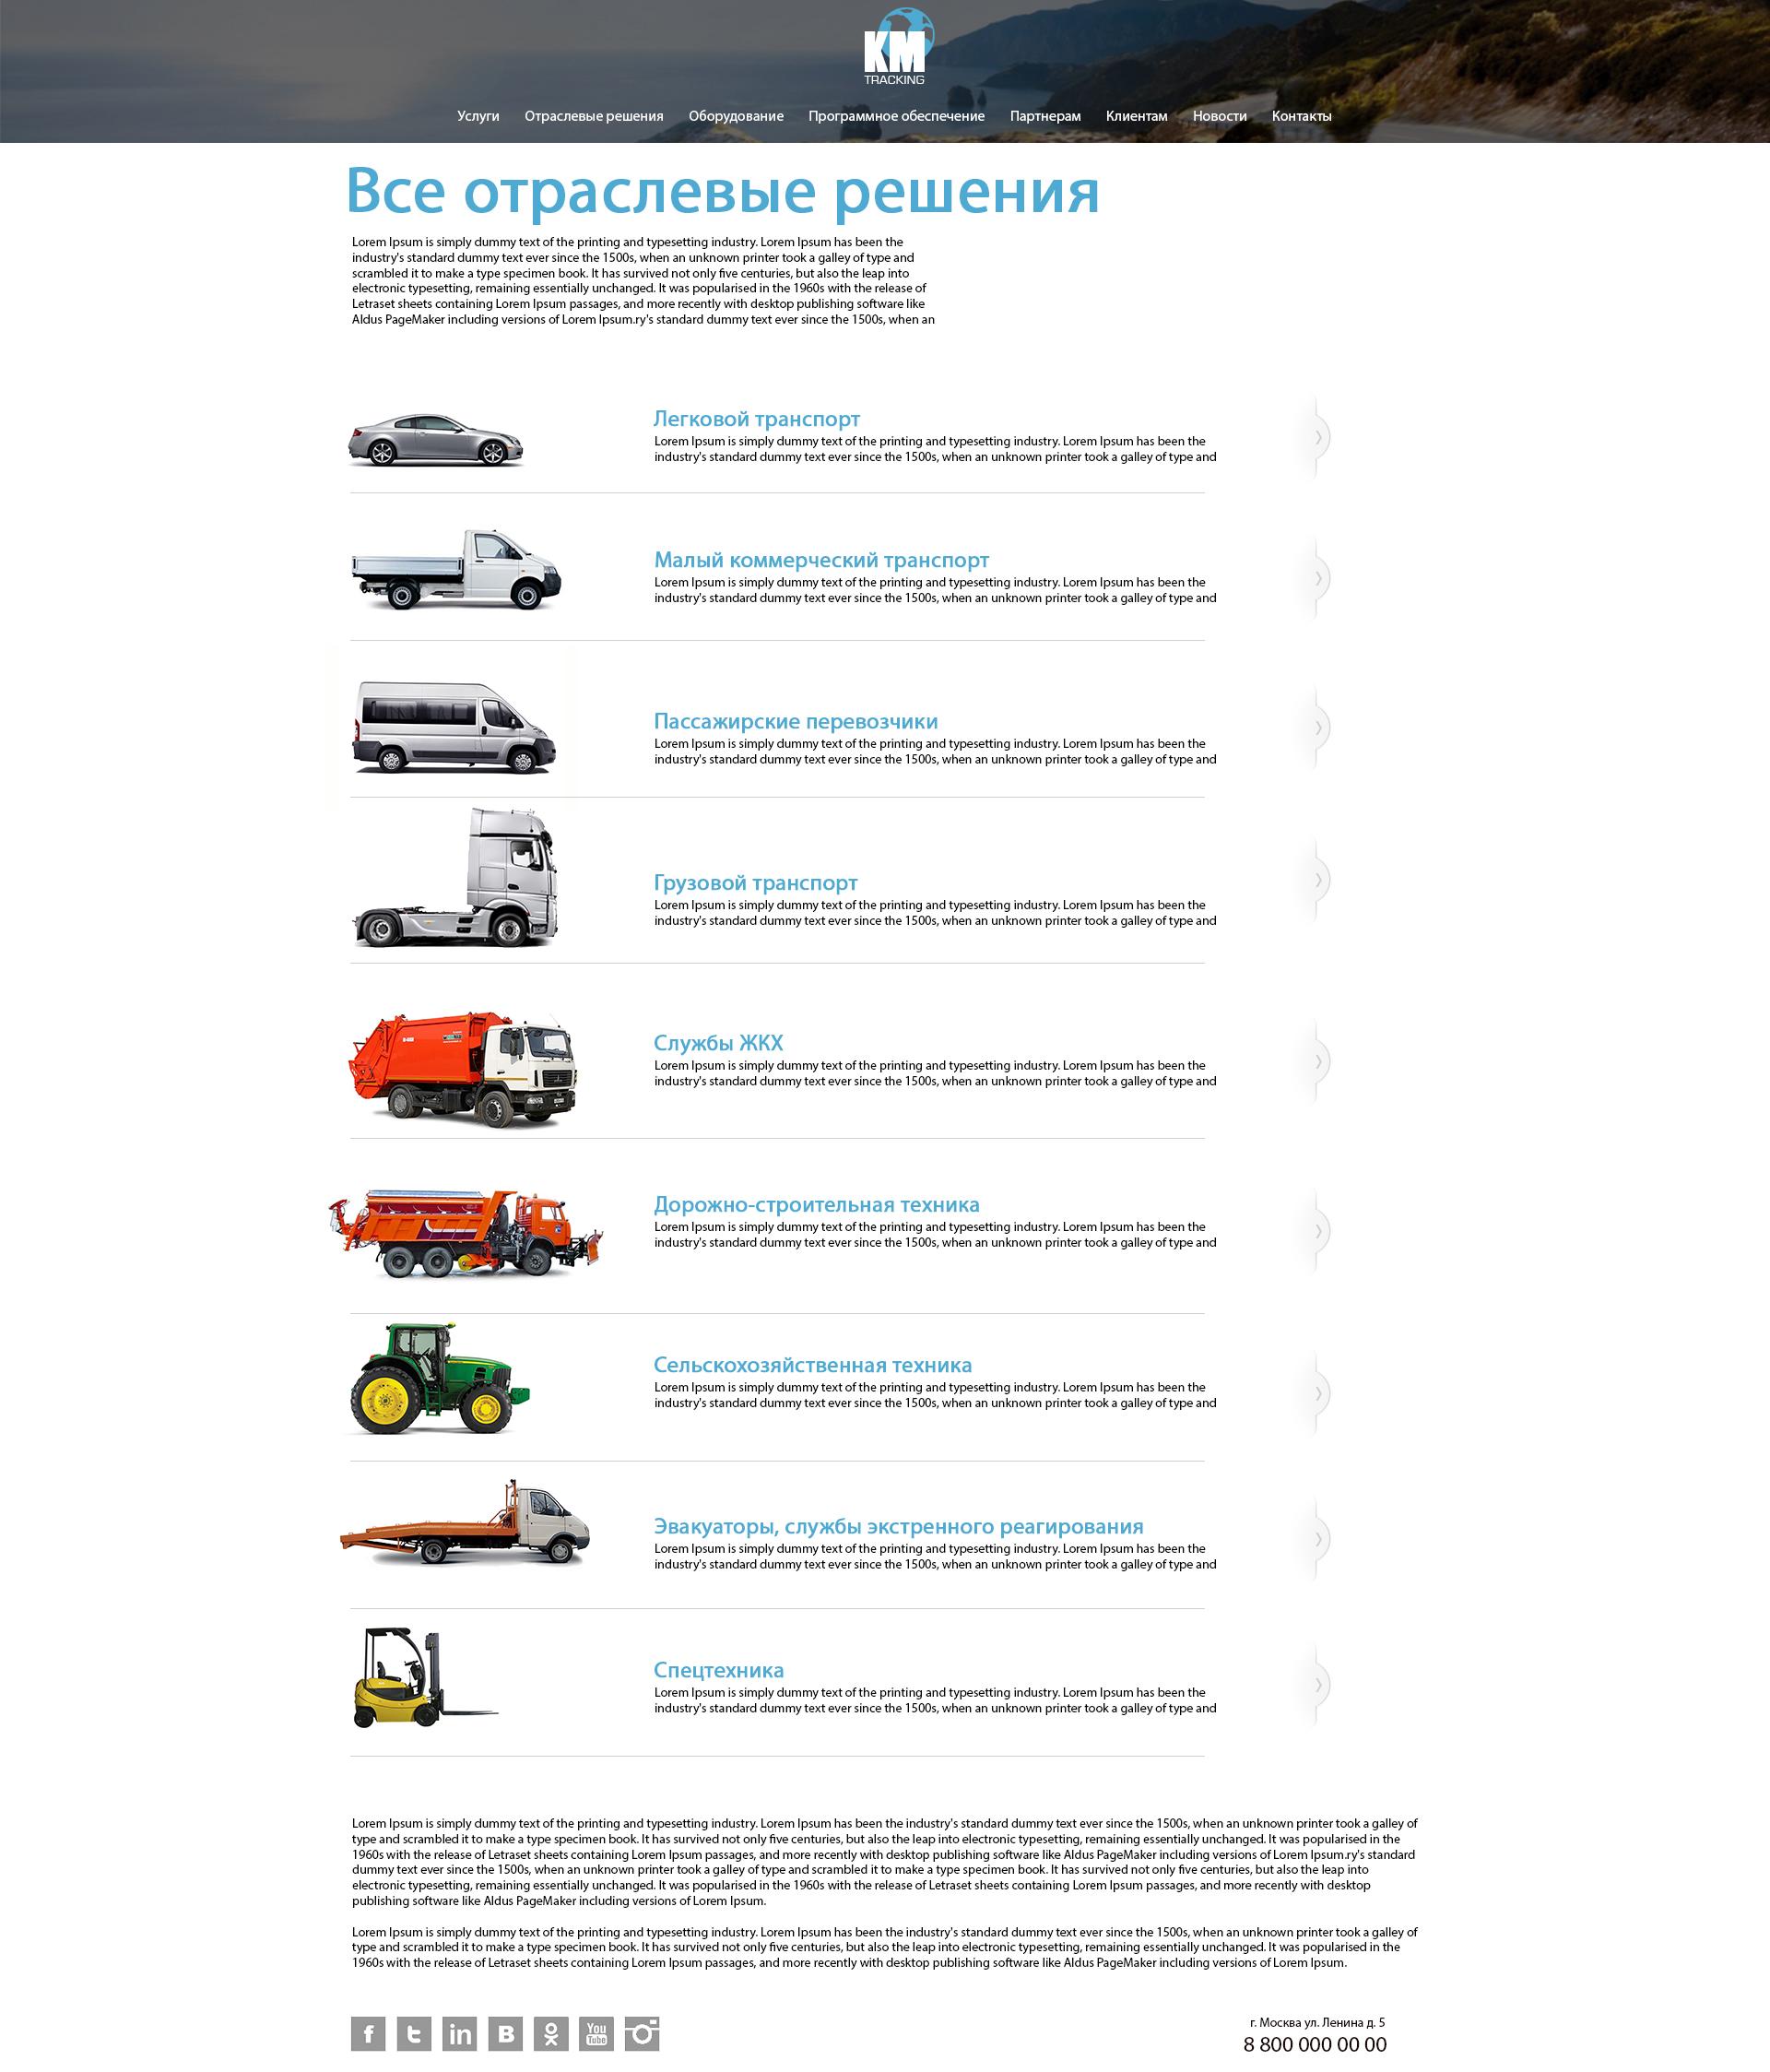 Макет сайта Мониторинг транспорта 5